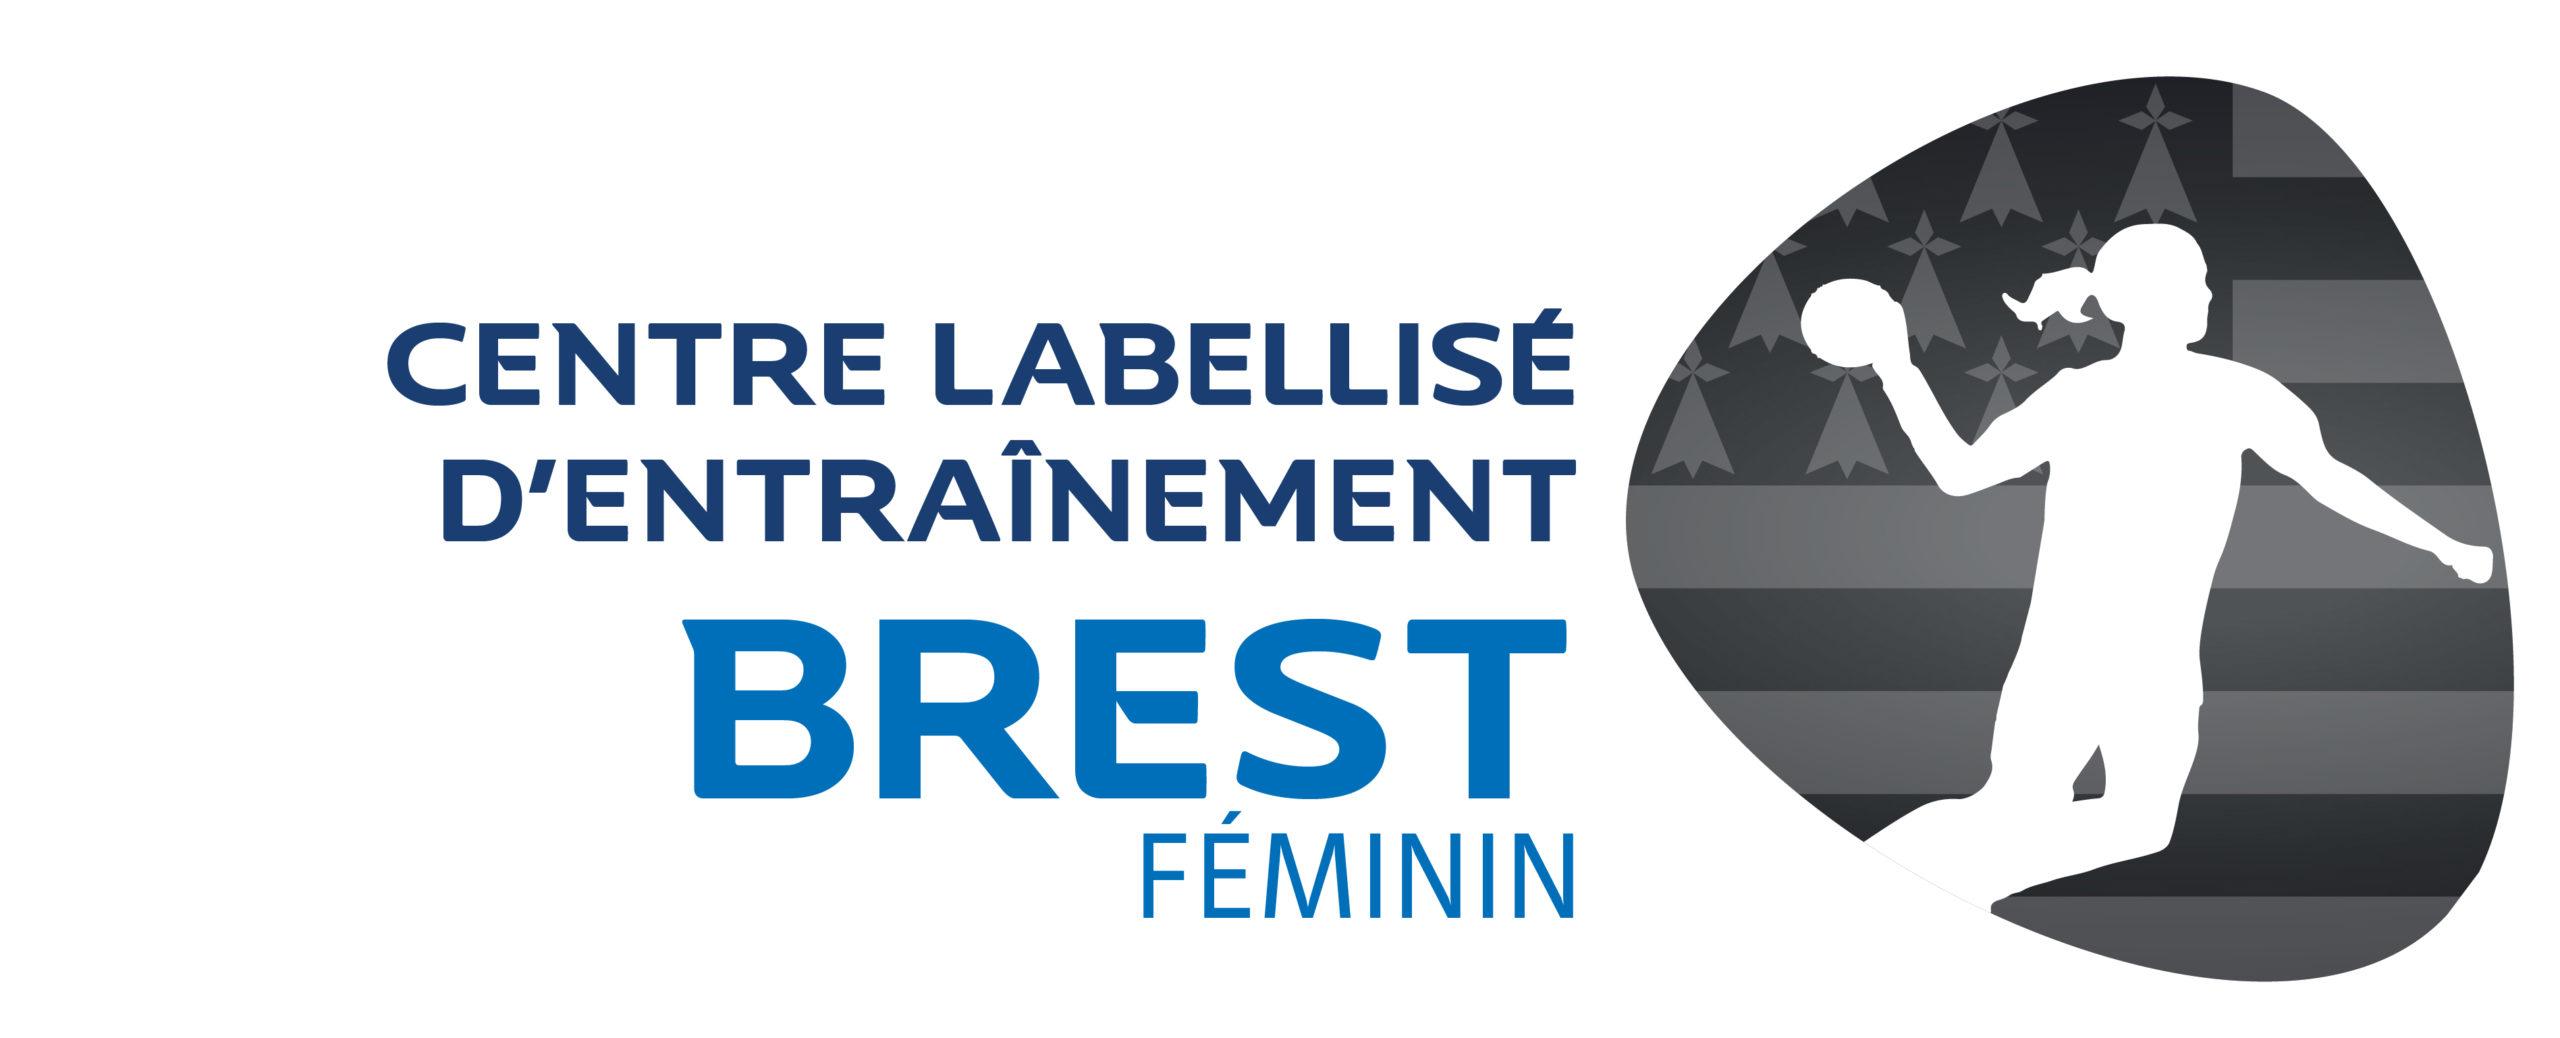 CLE_FEMININ_BREST_RVB-01